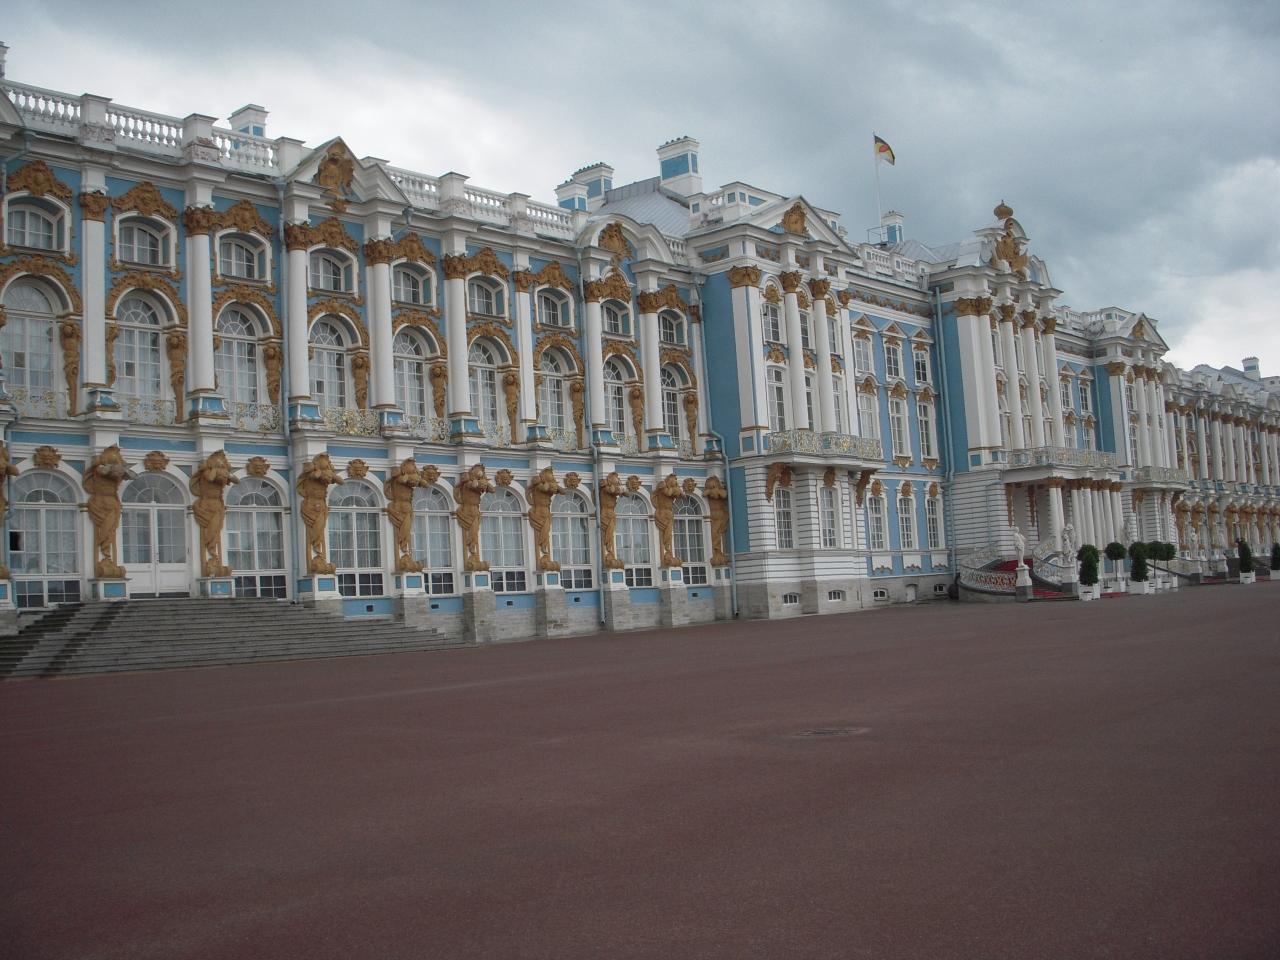 エカテリーナ宮殿の画像 p1_12